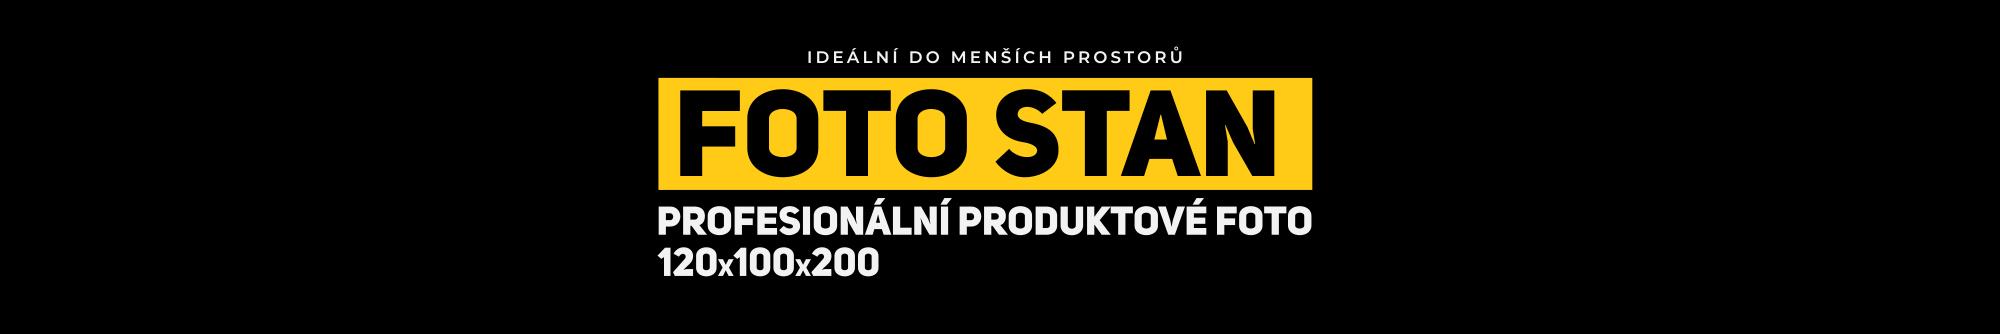 foto_stan_1